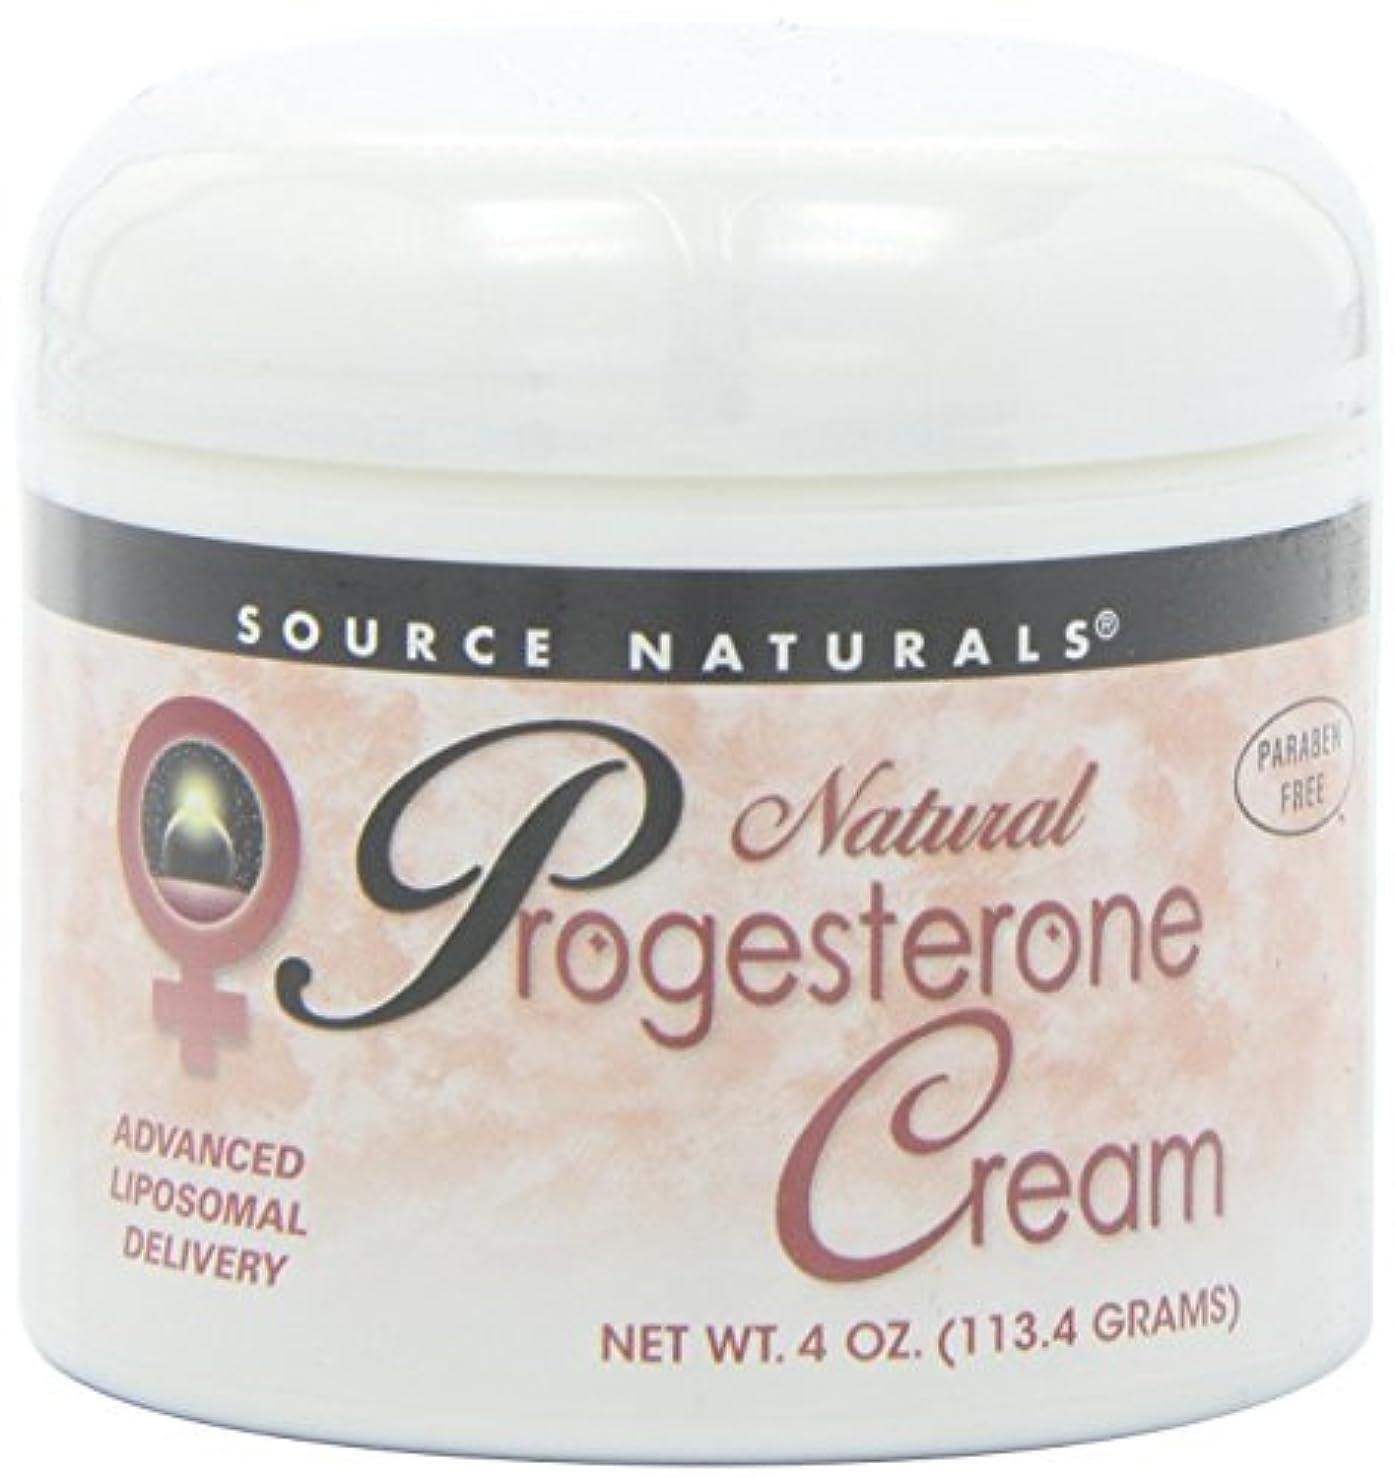 ほのか兵器庫消毒剤Source Naturals Natural Progesterone Cream, 4 Ounce (113.4 g) クリーム 並行輸入品 [並行輸入品]